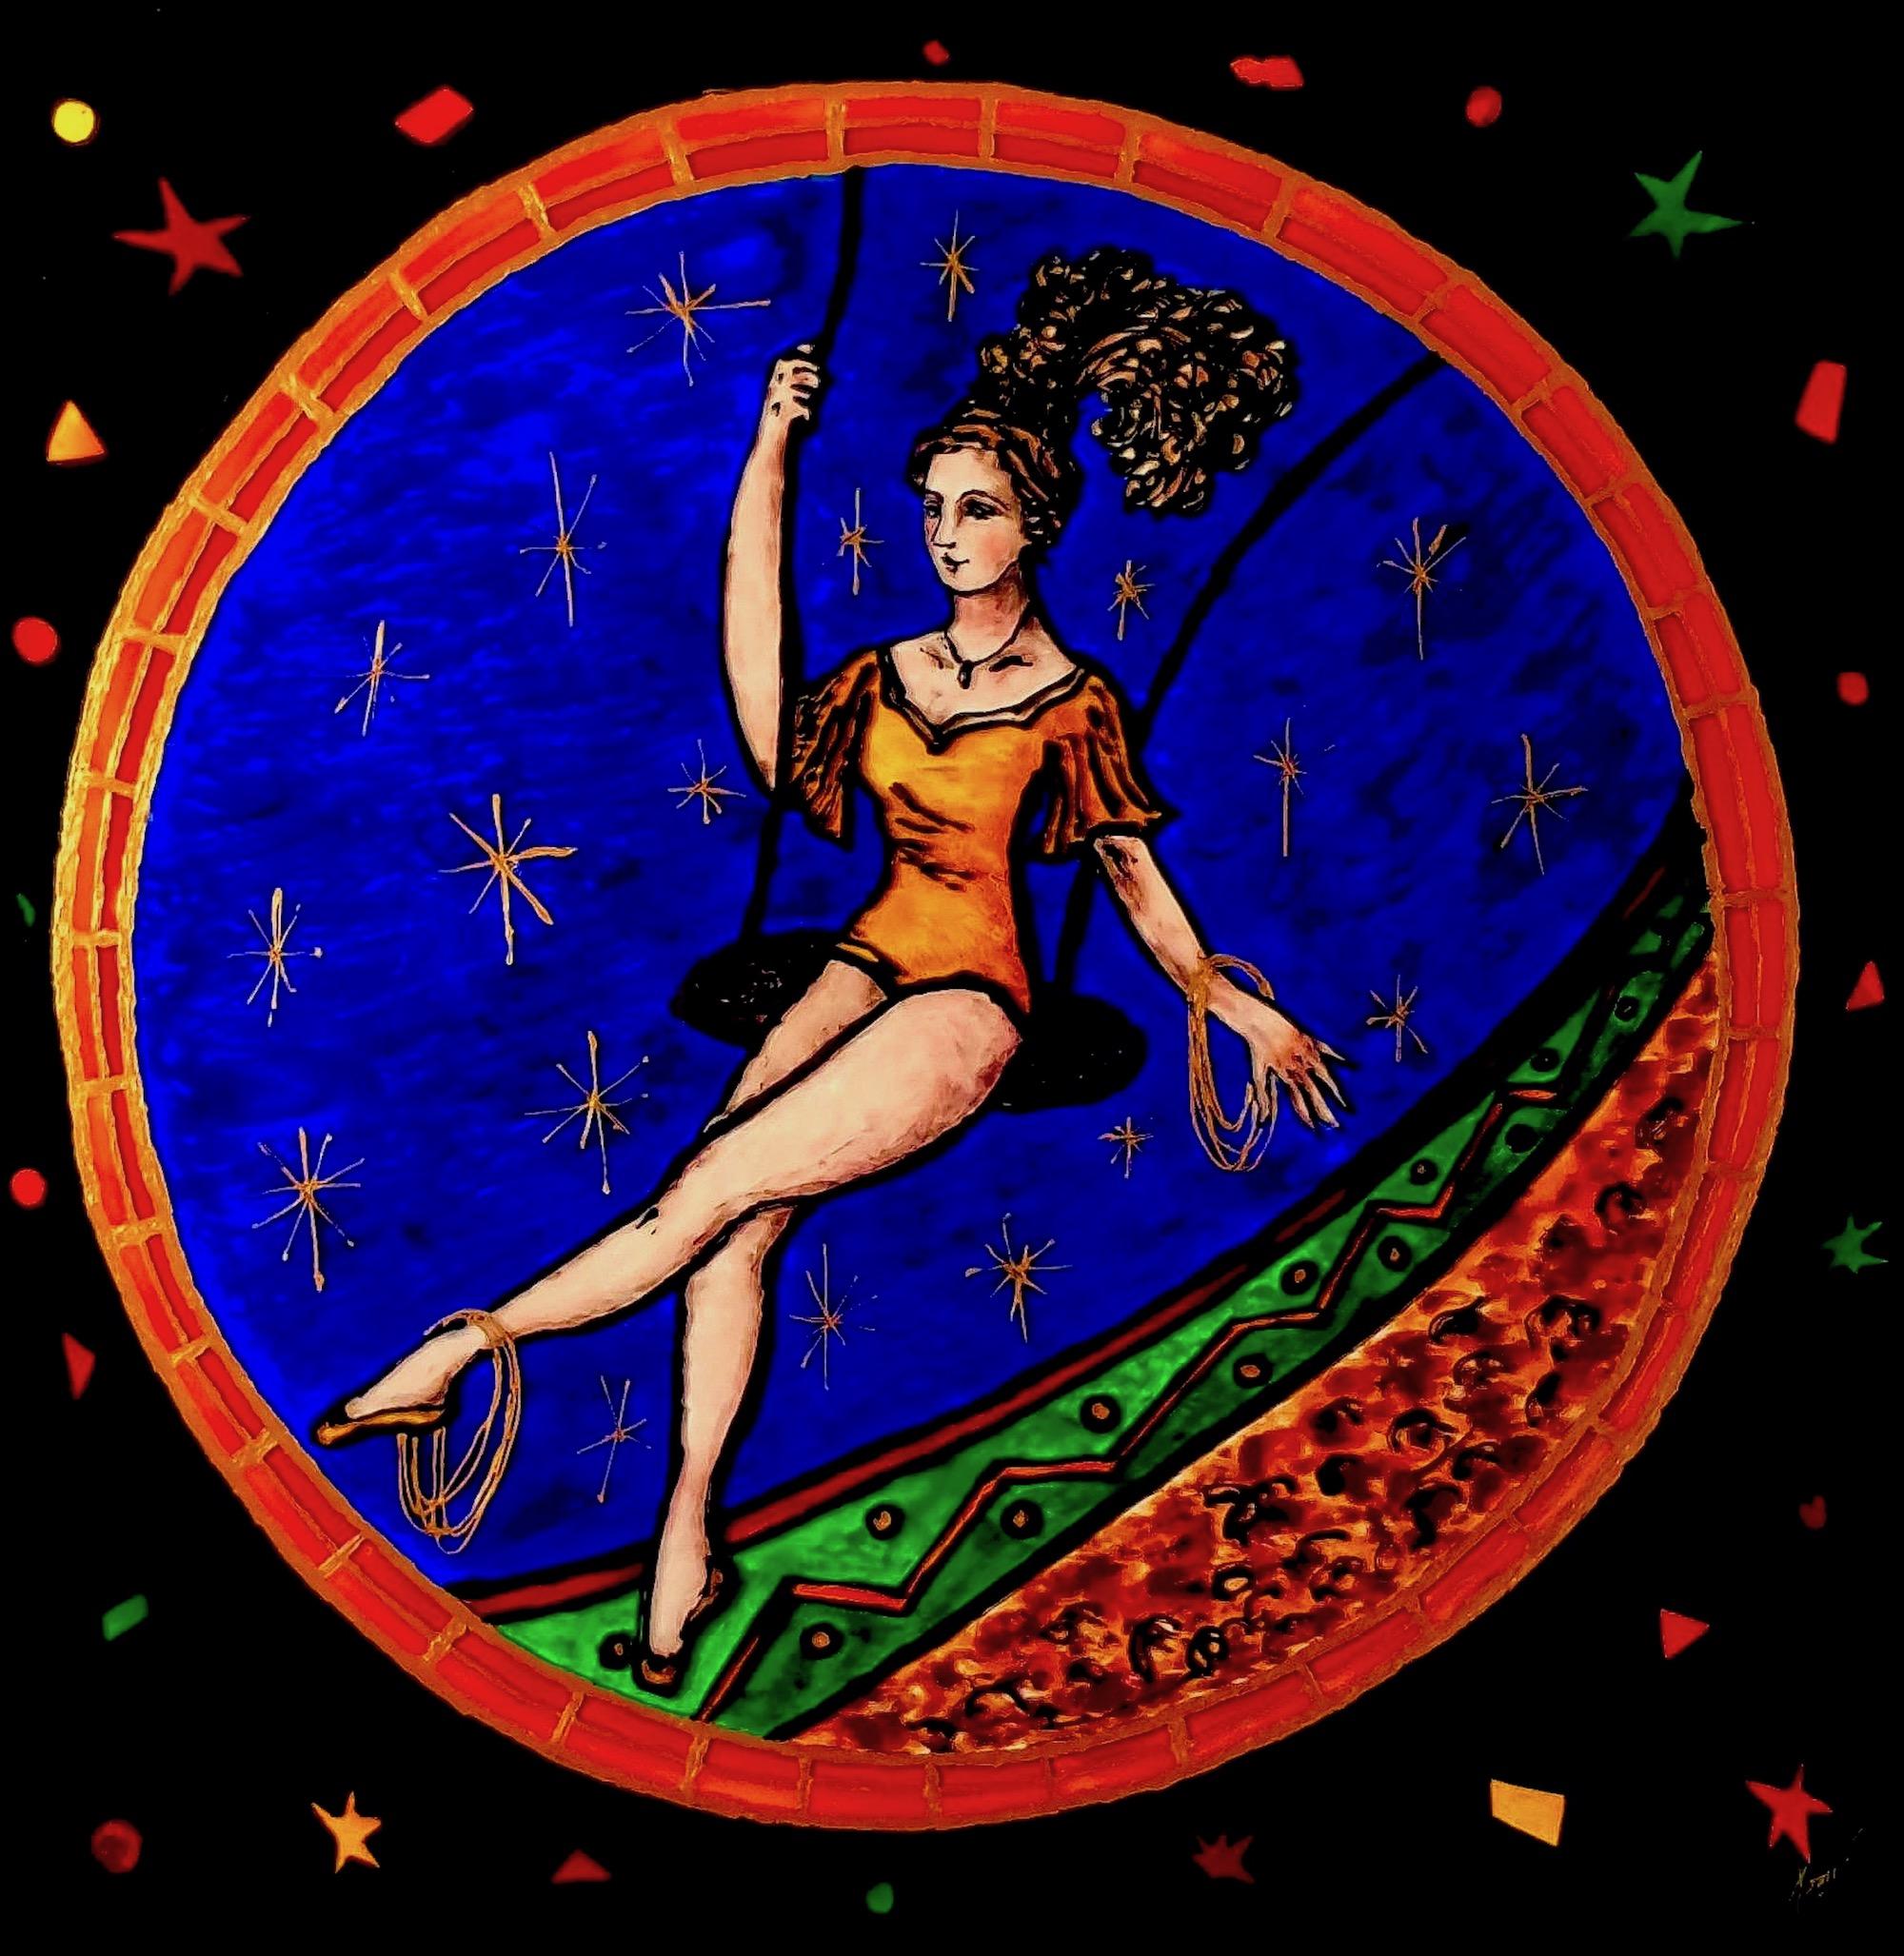 MAMI / Images et Poésie,  De l' Esprit du Cirque